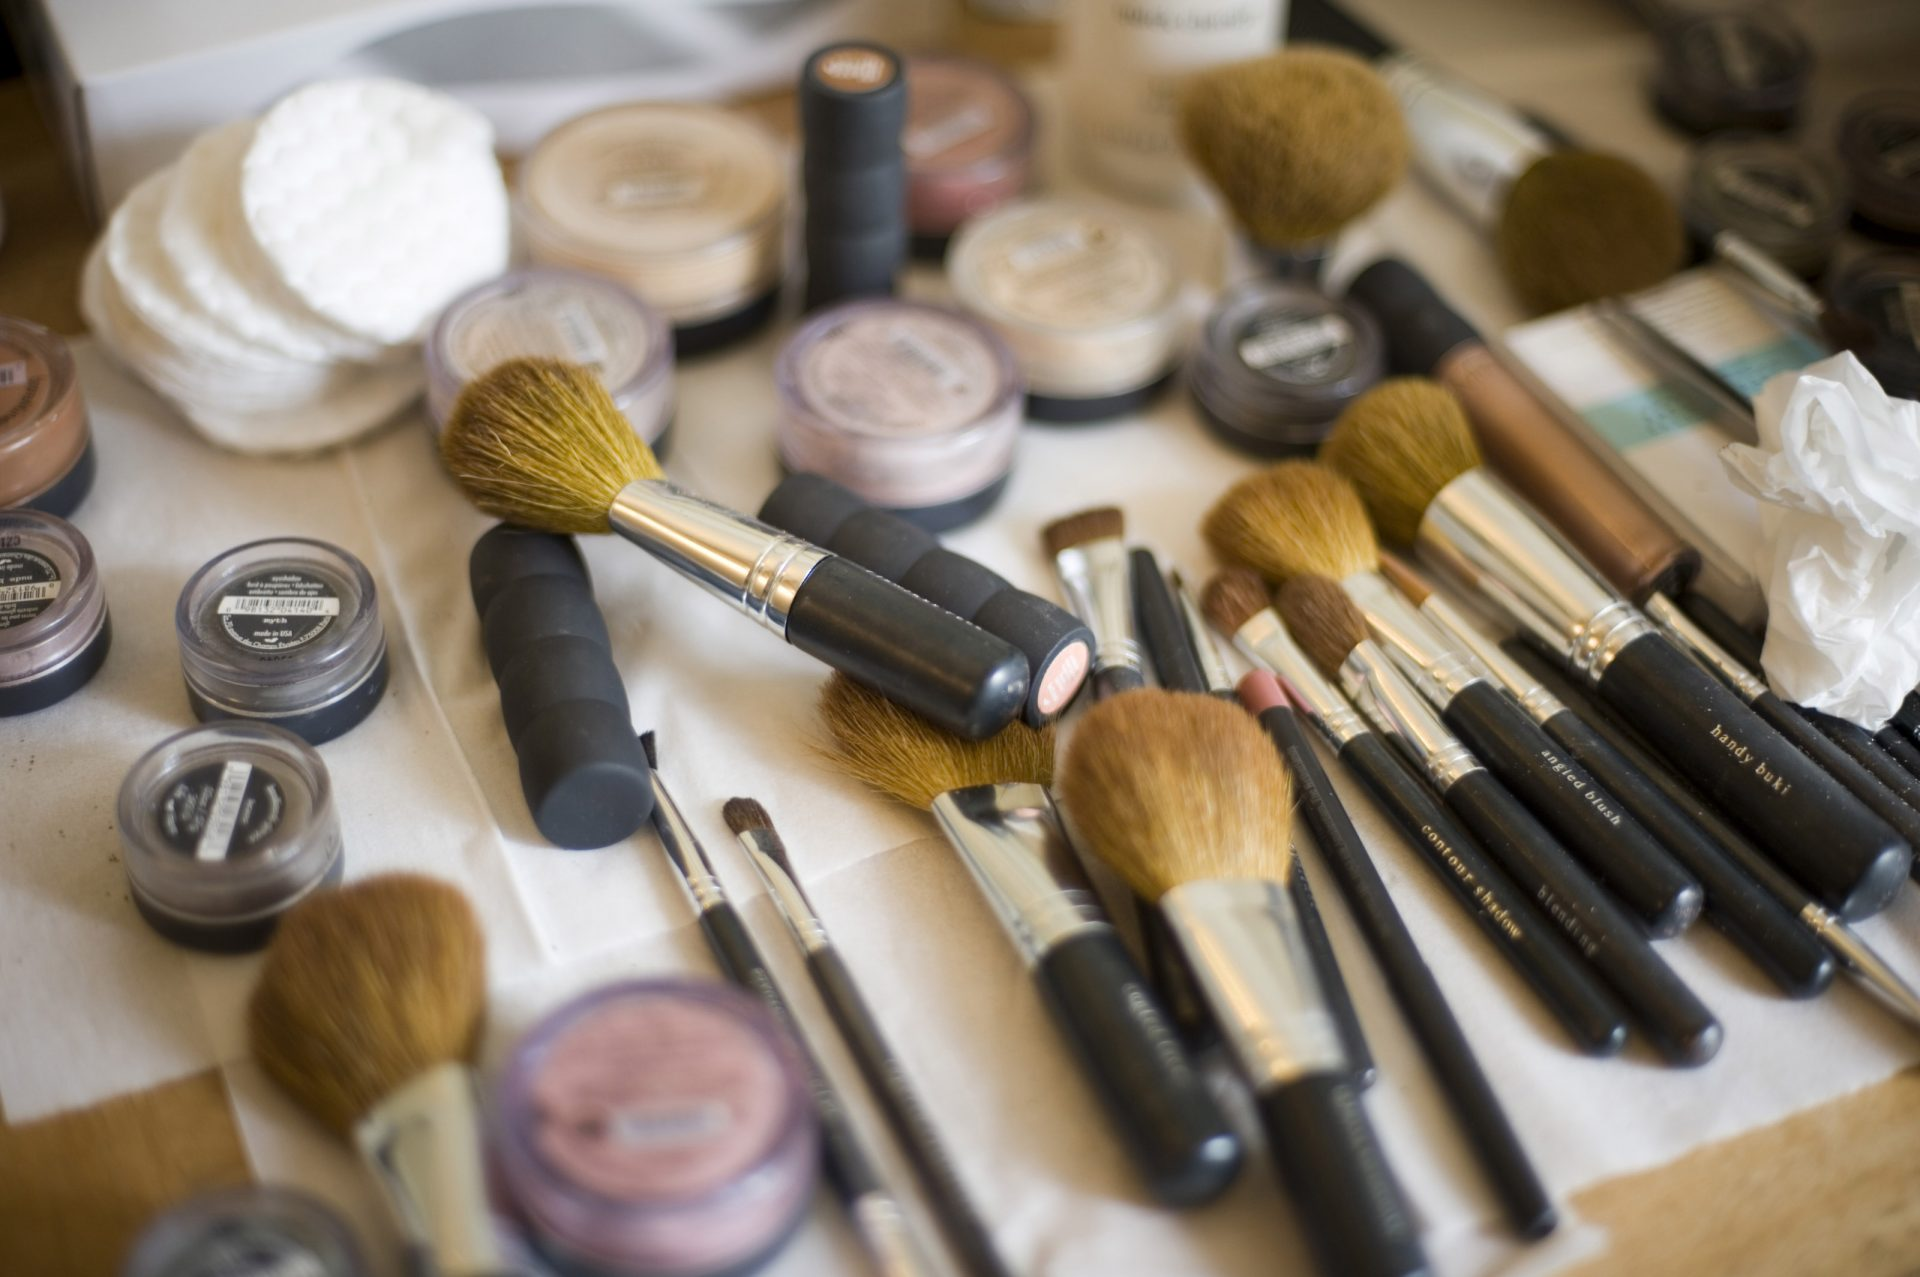 Robimy porządki. Jak czyszczę akcesoria do makijażu?